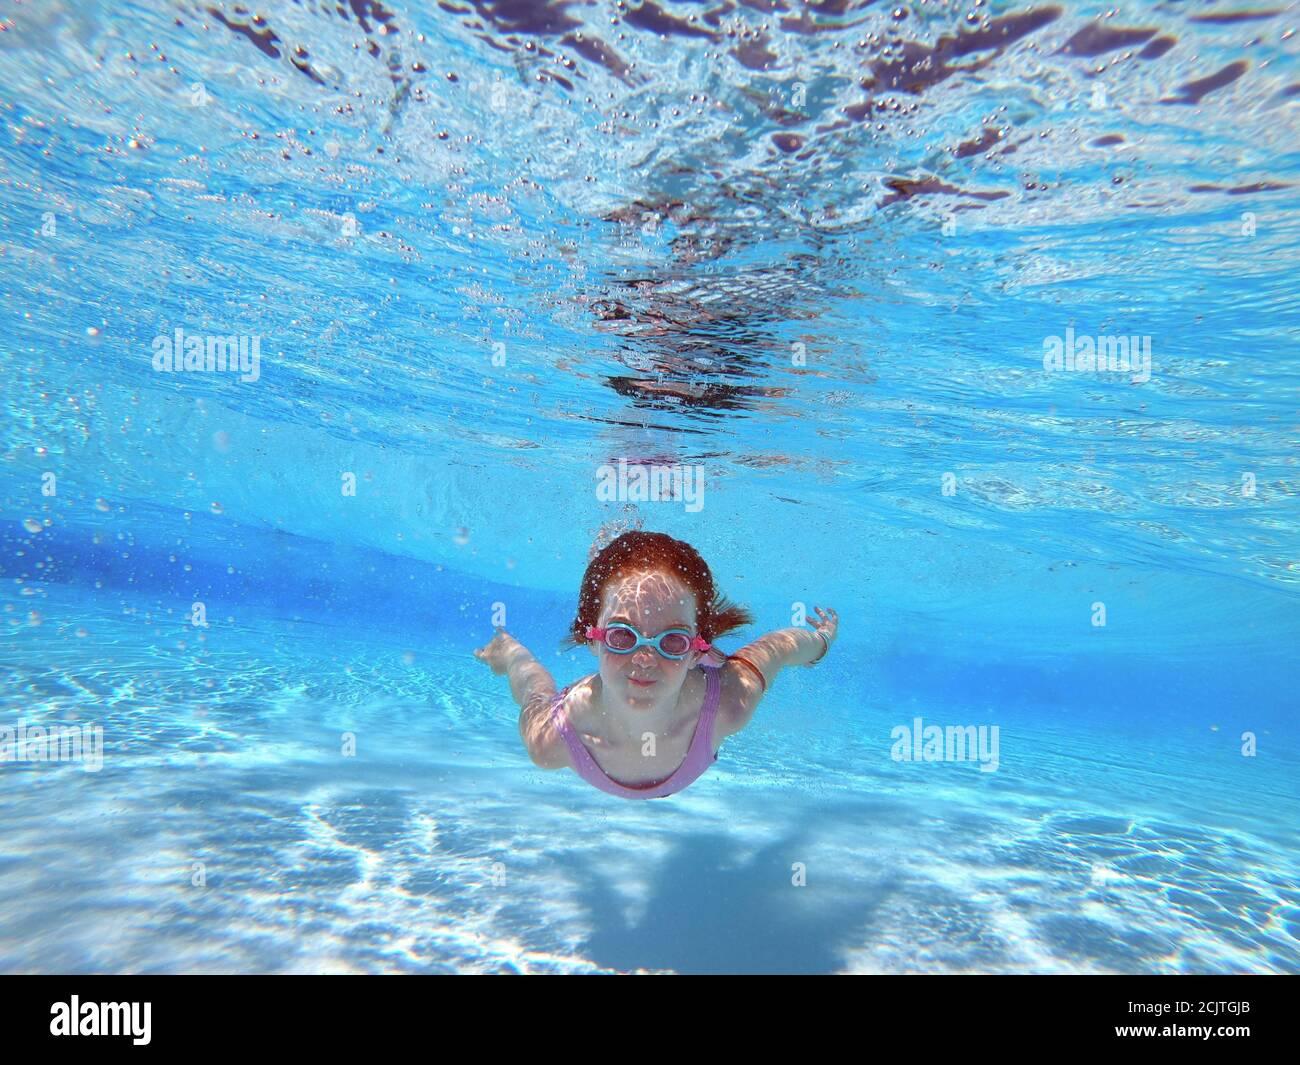 Joven Red cabeza niña nadar bajo el agua con gafas en un Piscina Foto de stock